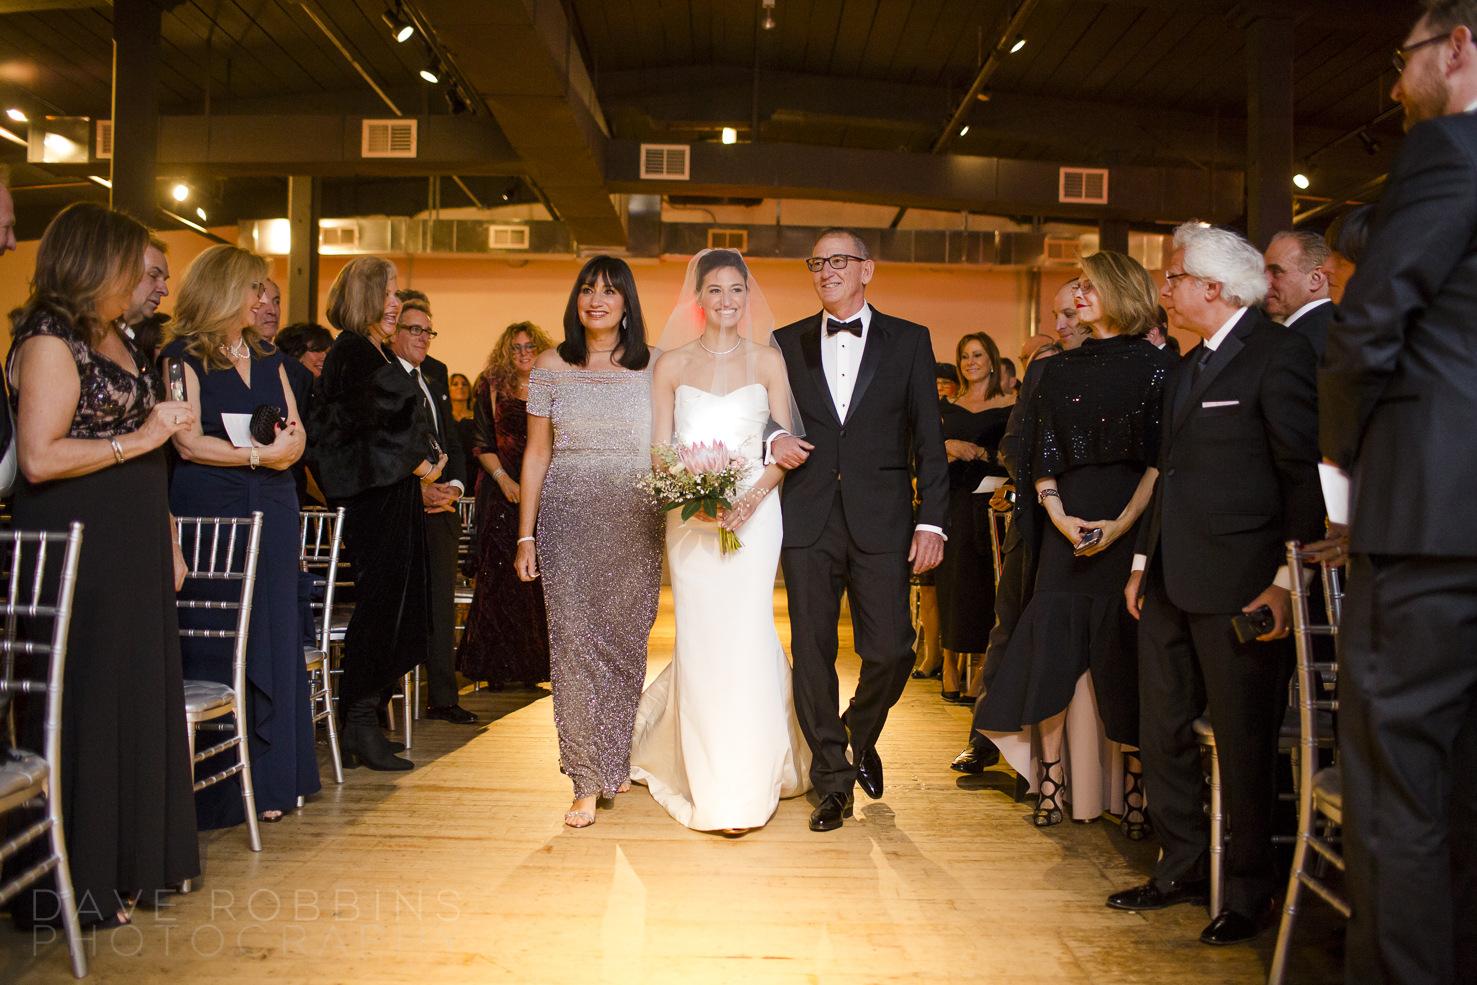 EVENTI HOTEL WEDDING -0062.jpg